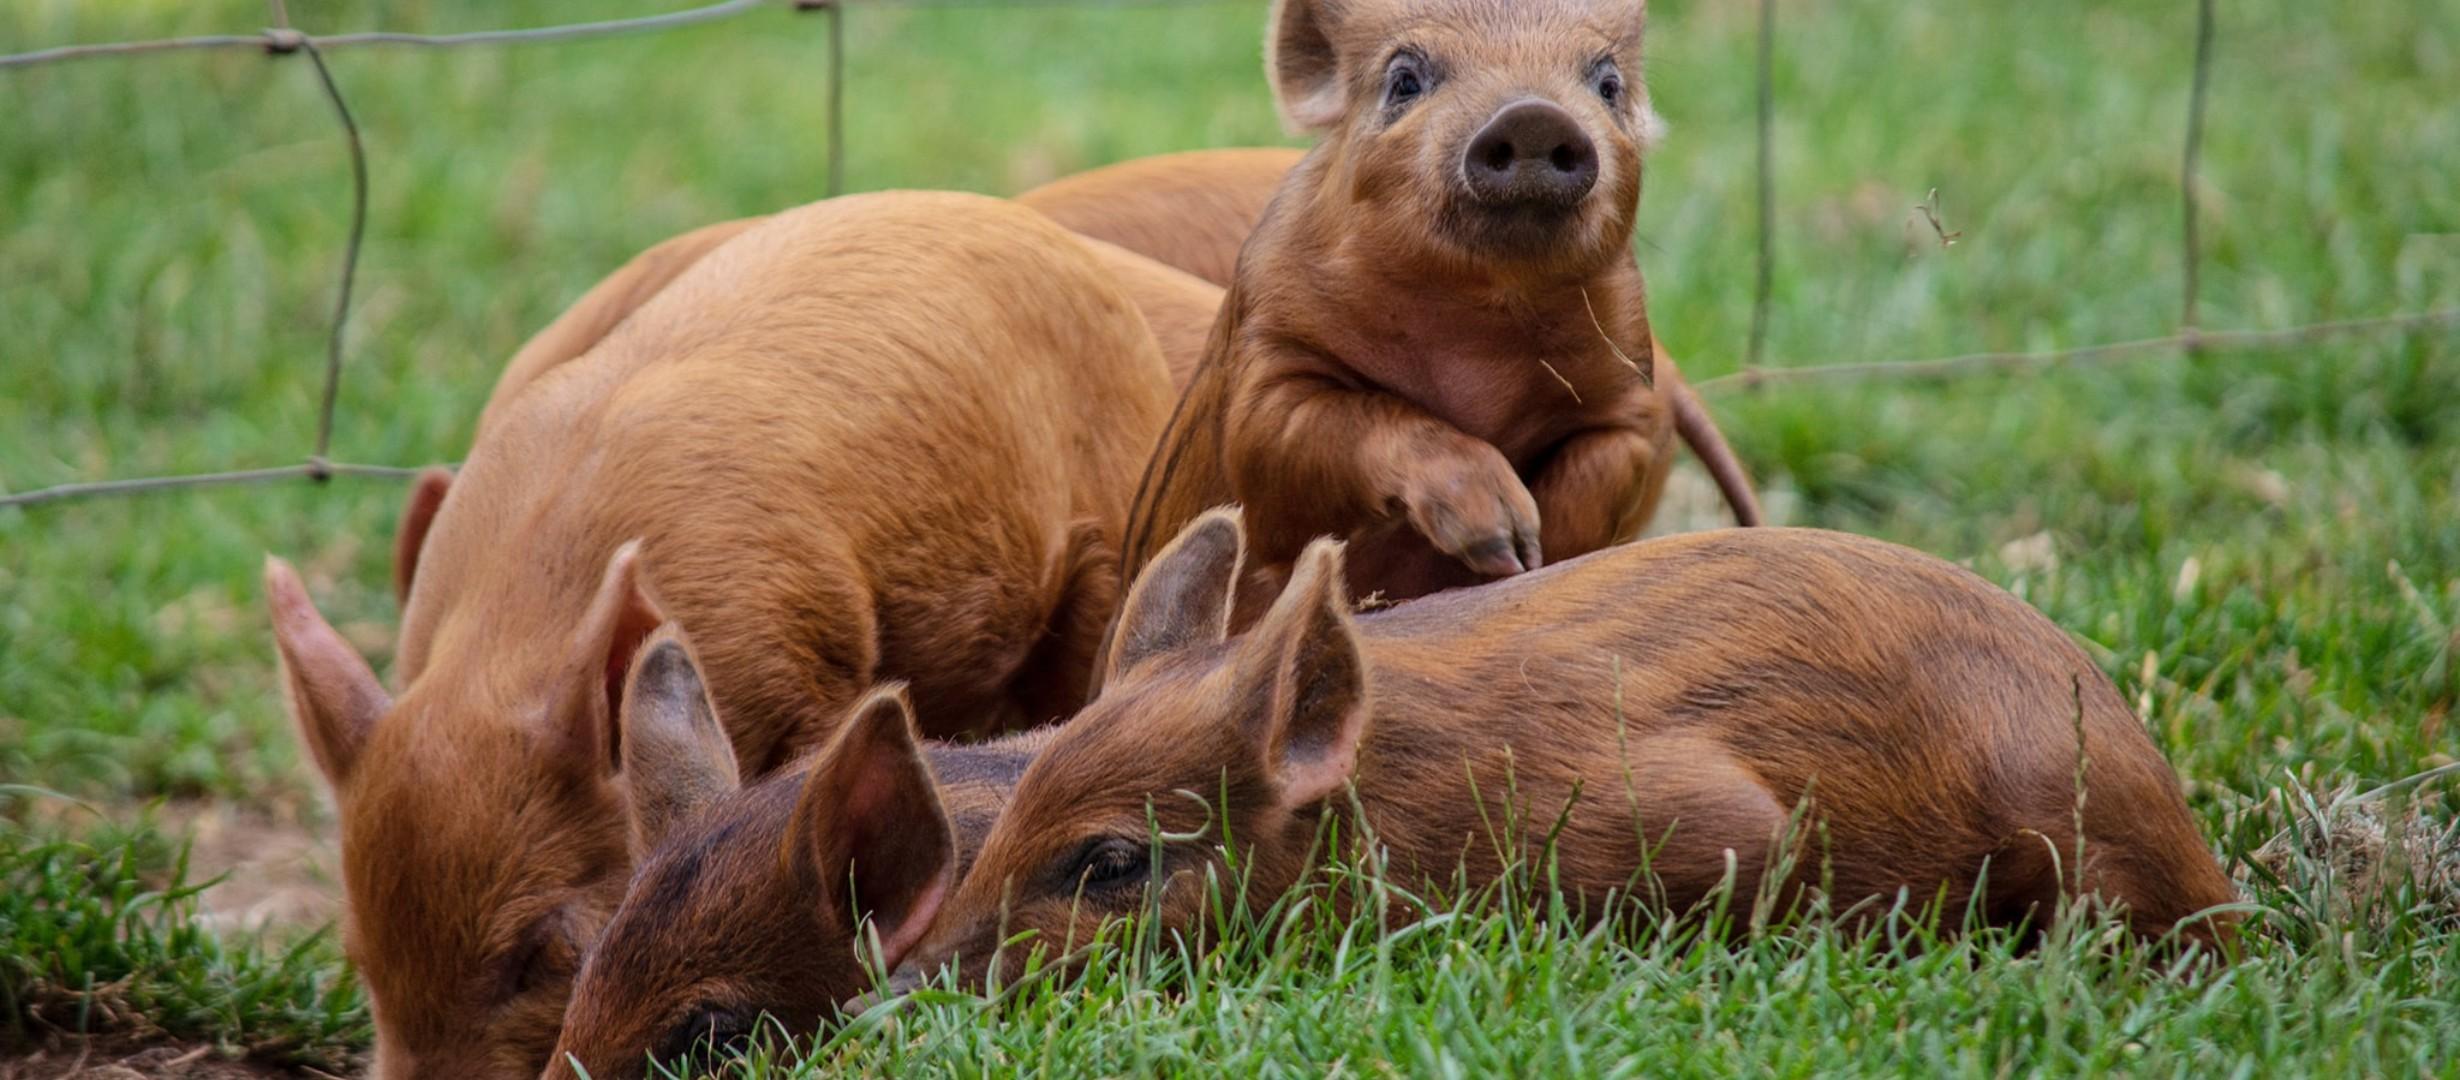 4 pigs in field